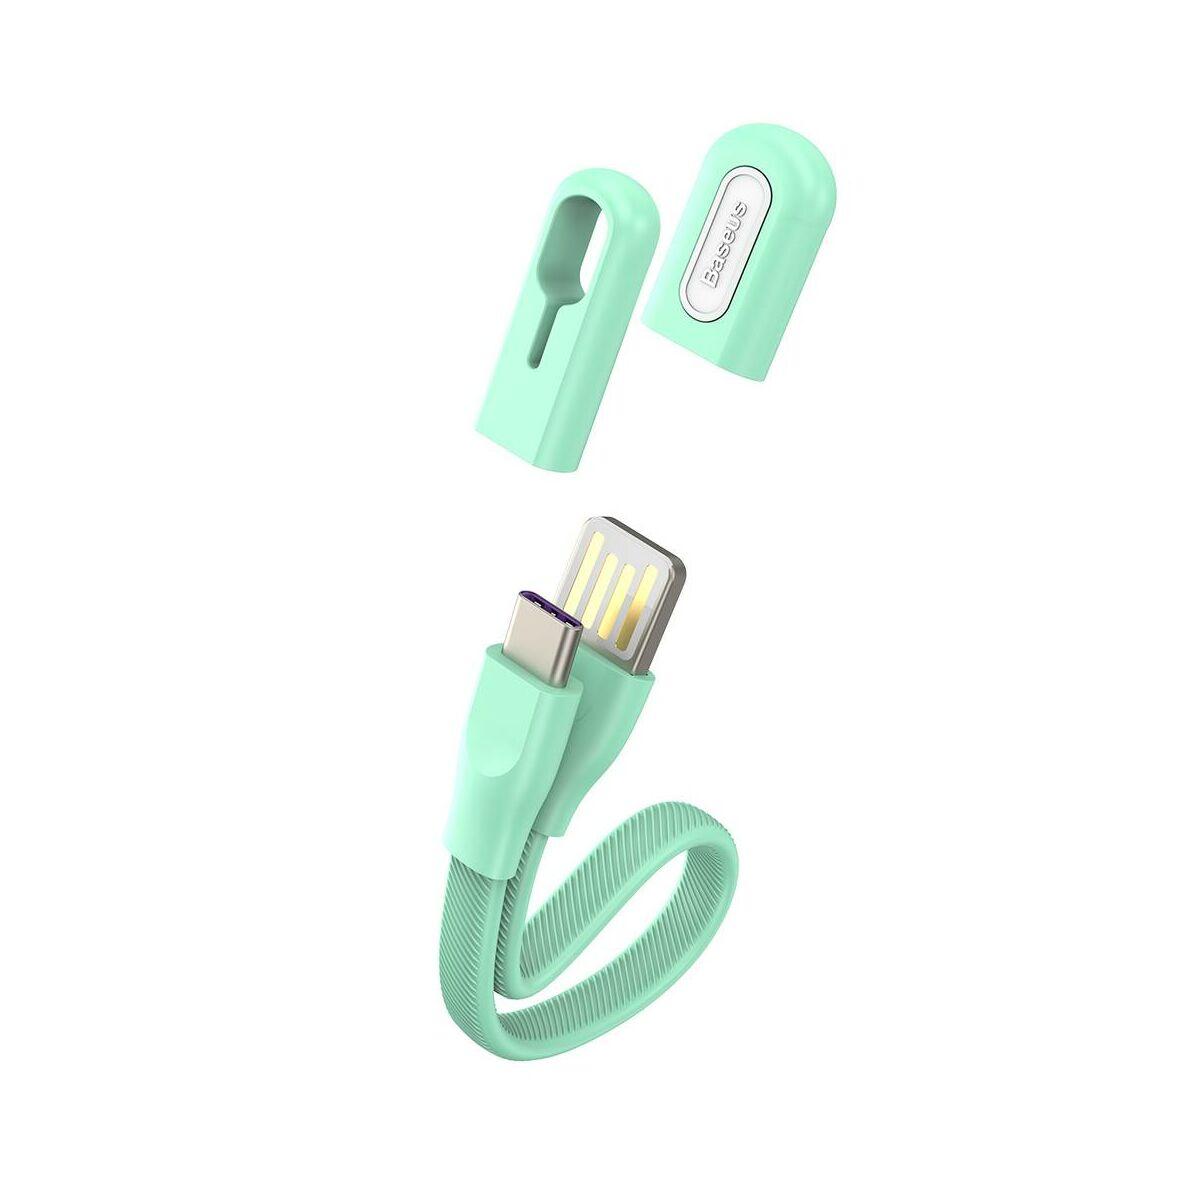 Baseus Karkötő kábel Type-C - USB-A 0.22m 3A, menta zöld (CATFH-06A)